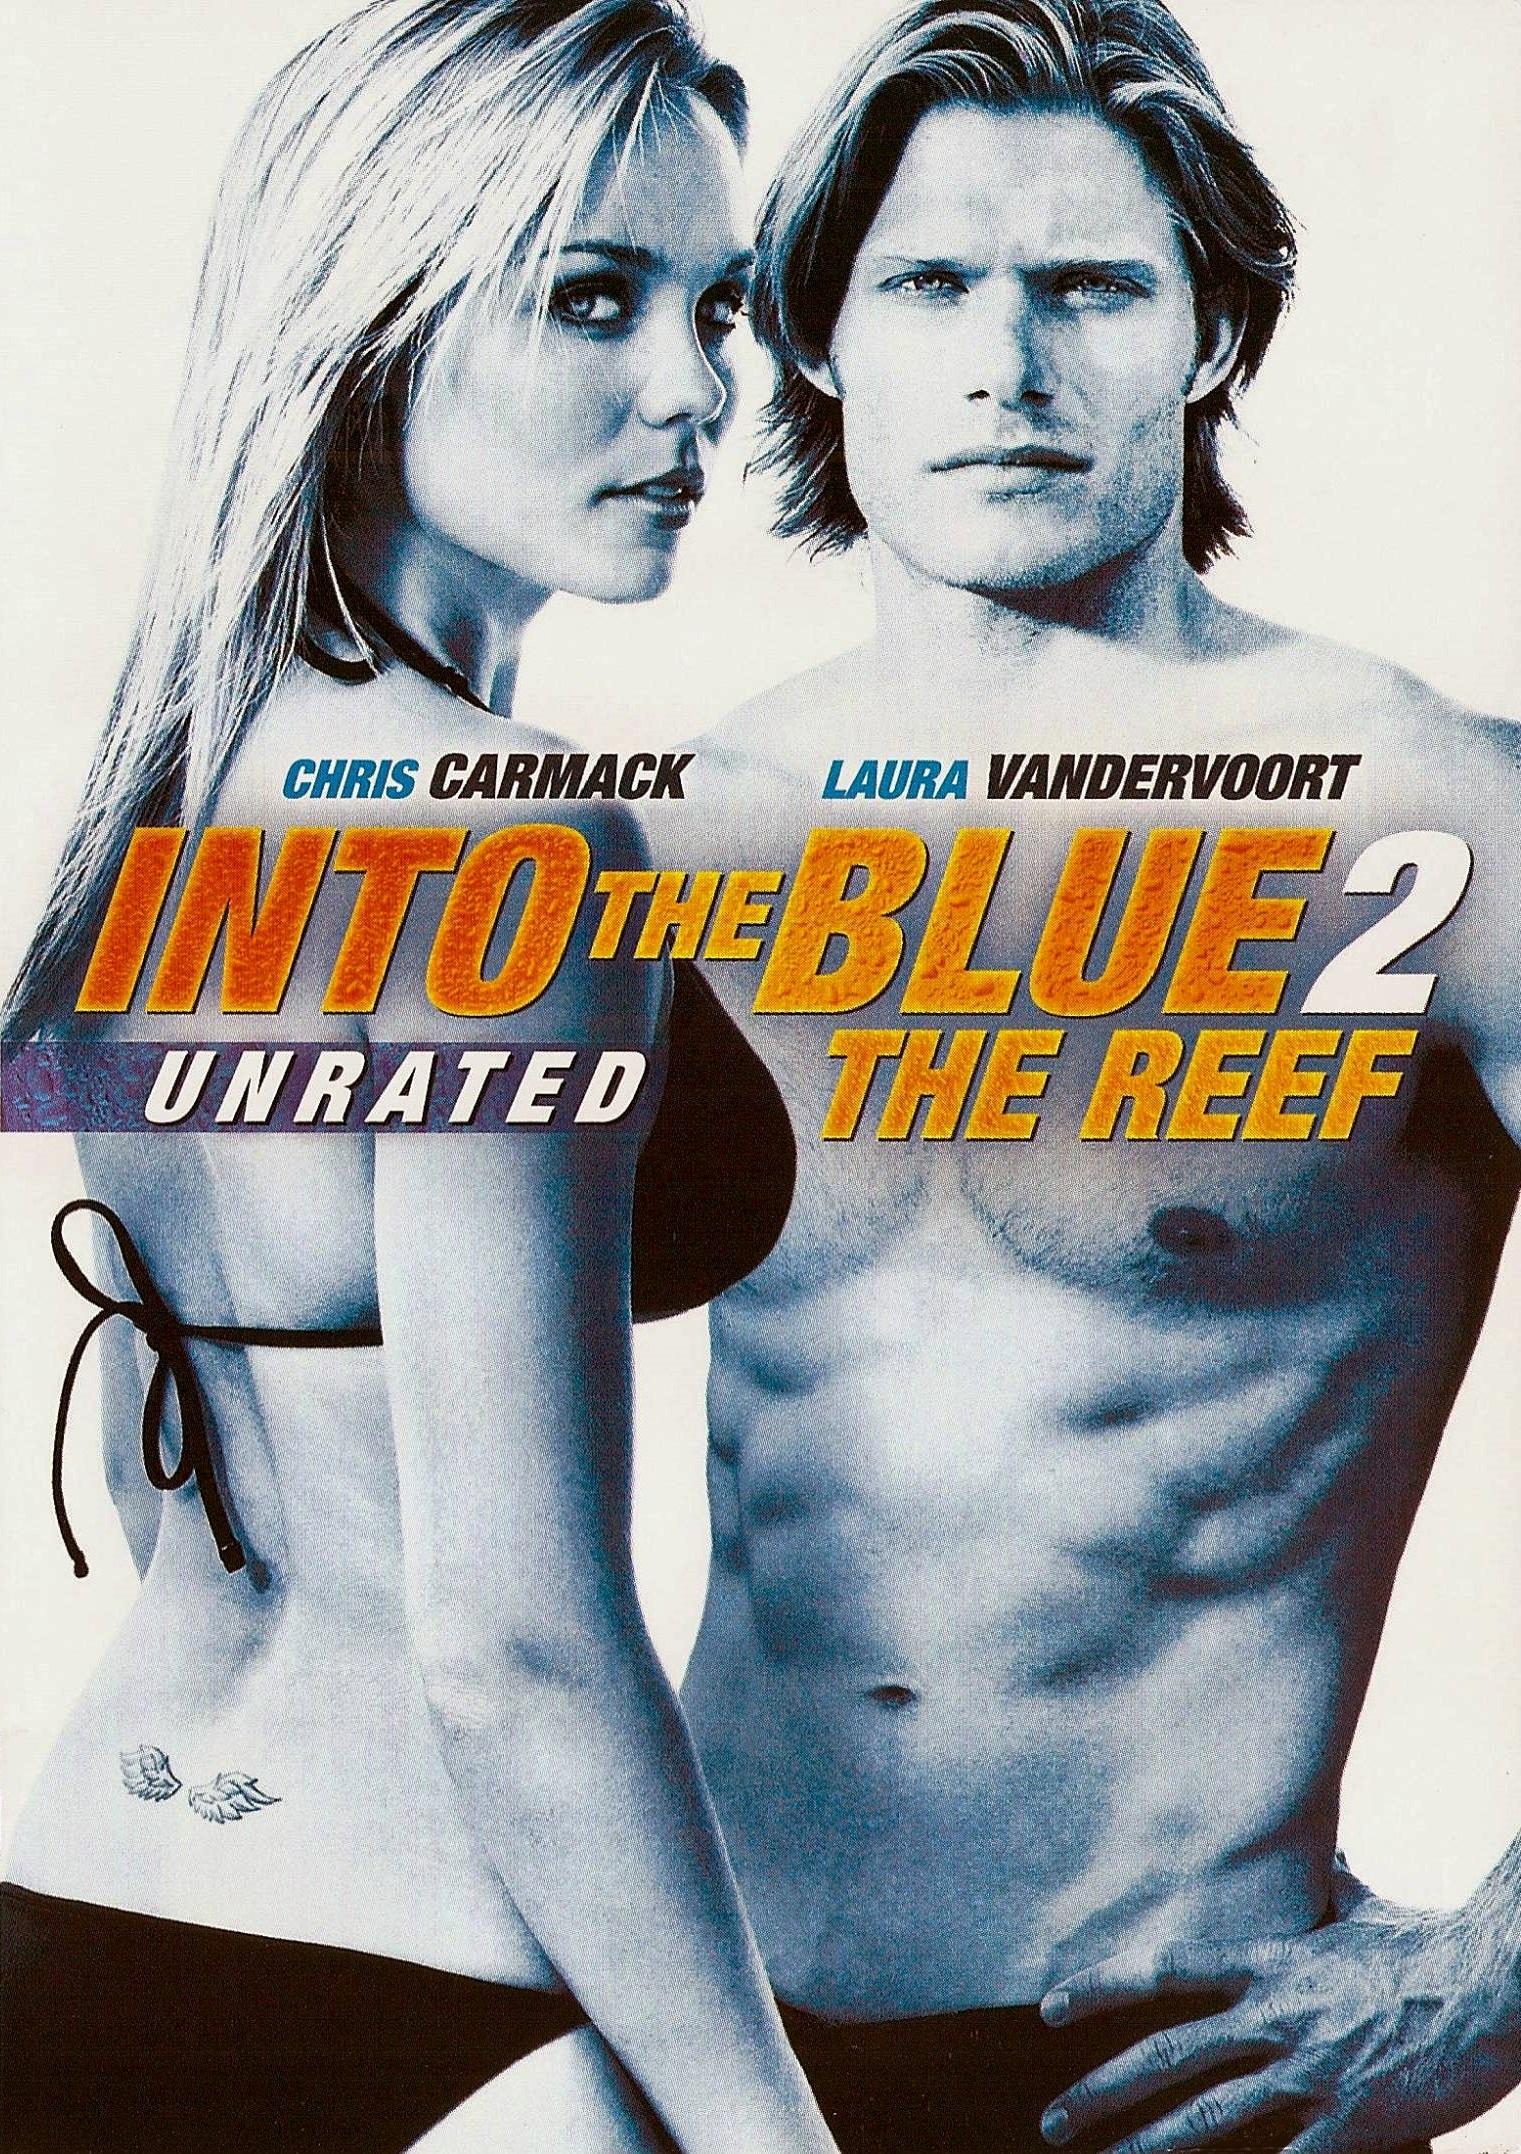 PAVOJAI GELMĖSE 2 (2009) / INTO THE BLUE 2: THE REEF